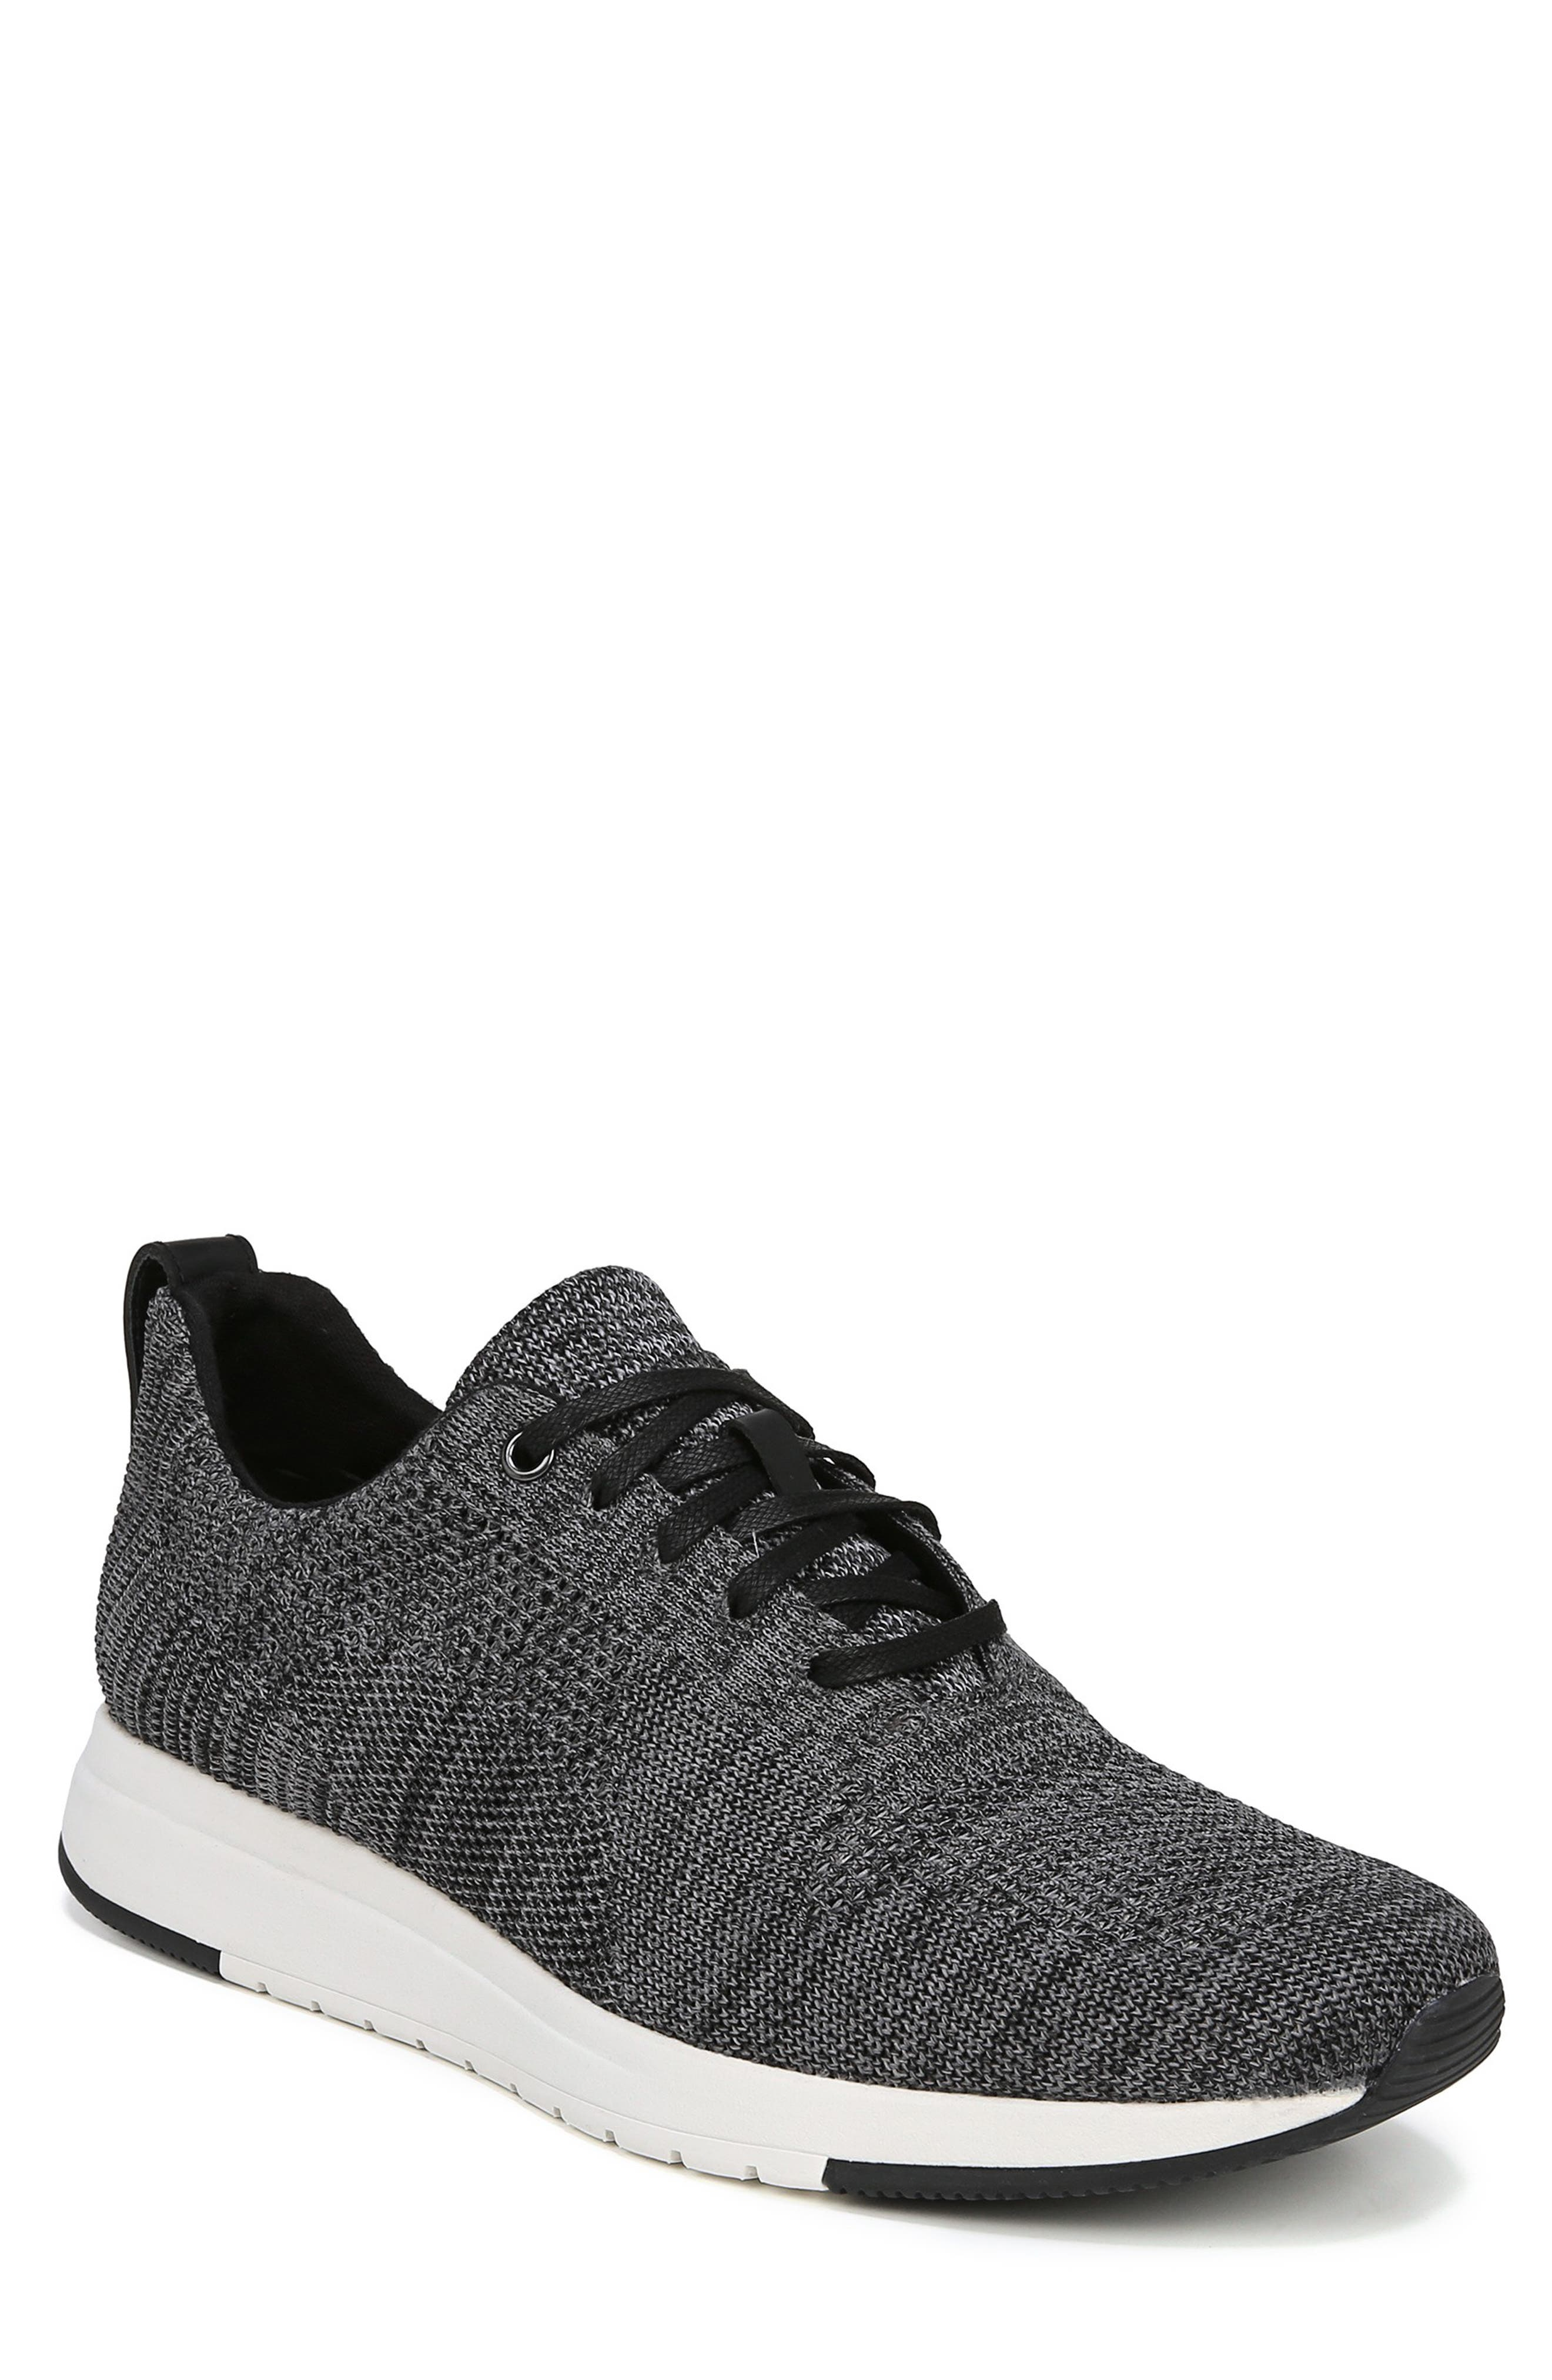 5121a80b369 Vince Shoes for Men